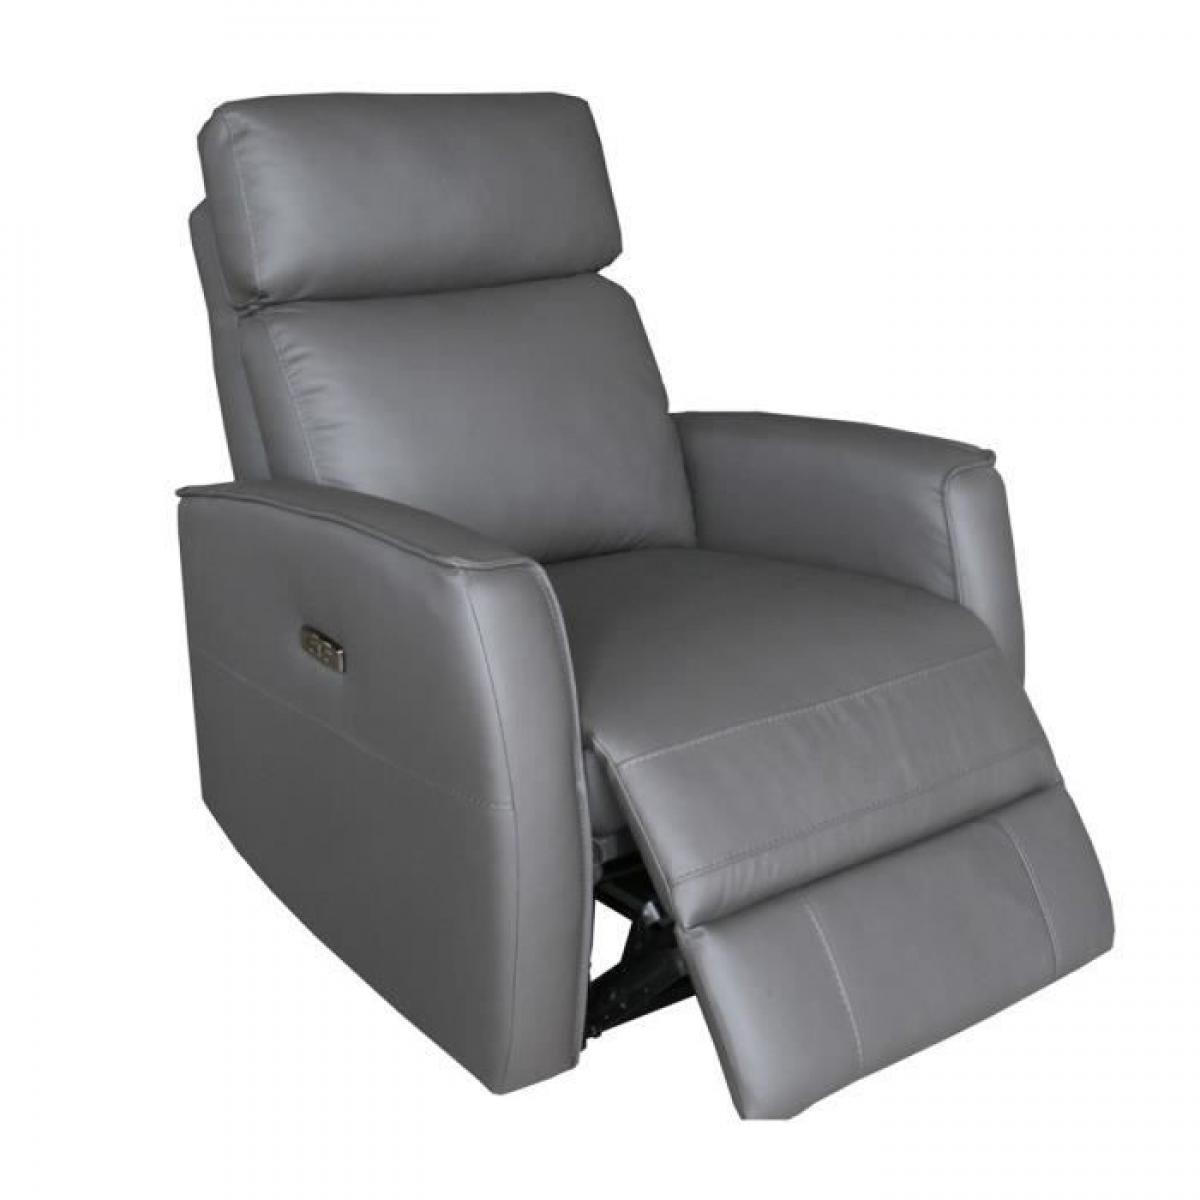 Cstore CAPEL Fauteuil de Relaxation 1 place relax électrique - Cuir gris foncé - L 84 x P 96 x H 104 cm